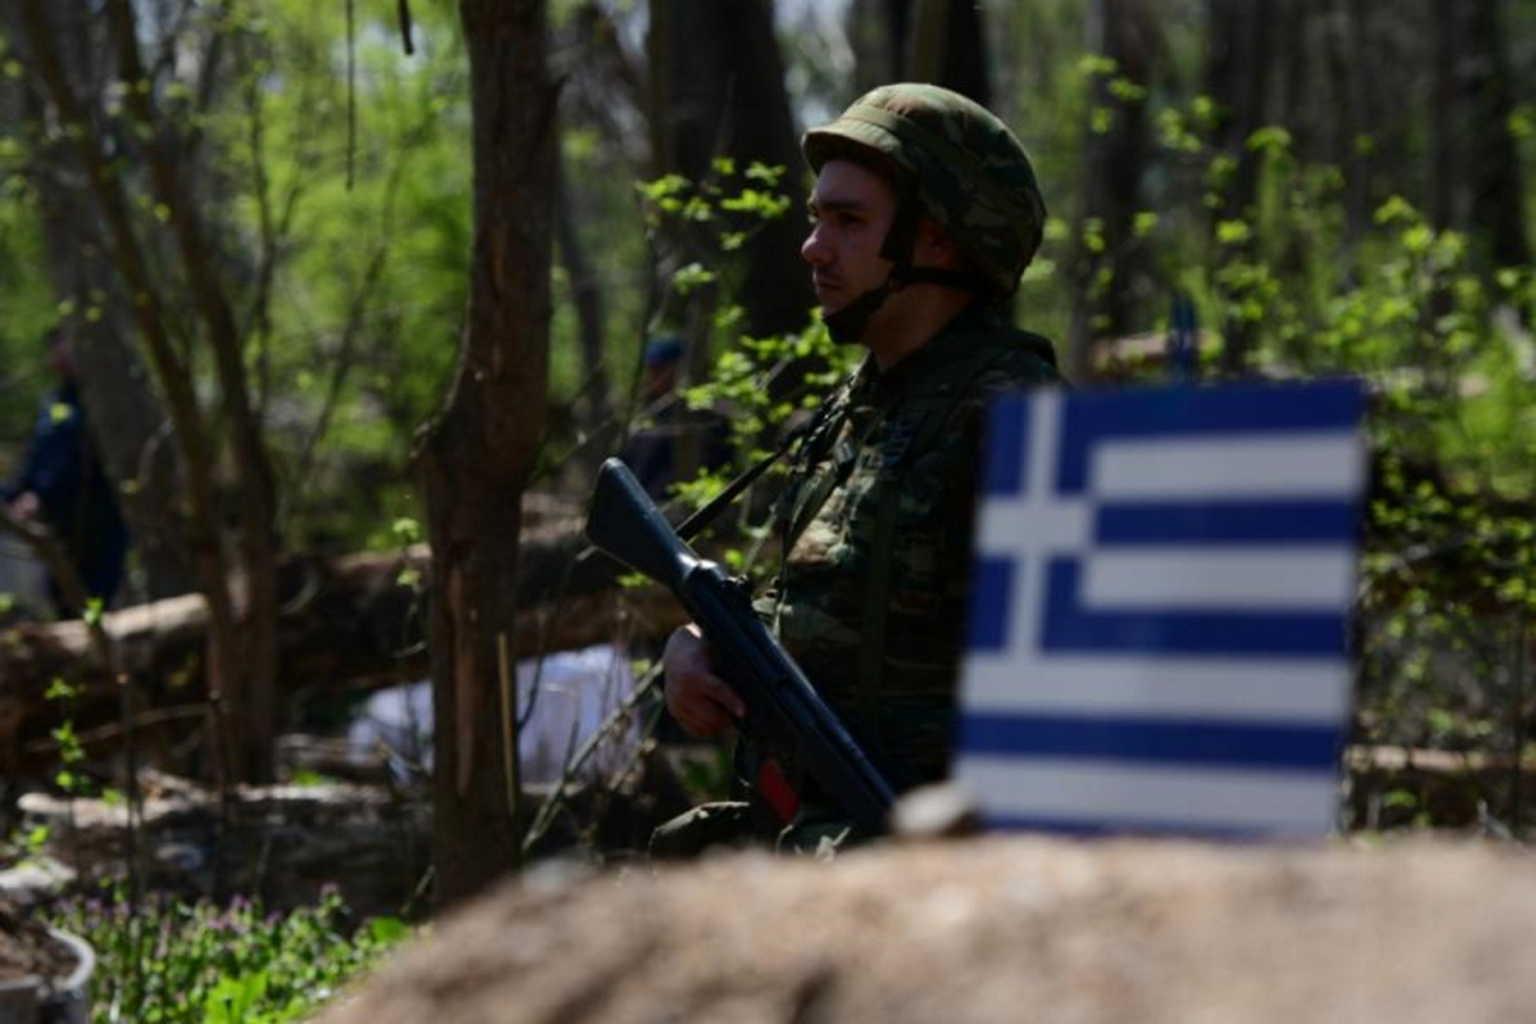 Πέτσας για Έβρο: «Δεν υπάρχει ξένη δύναμη σε ελληνικό έδαφος»